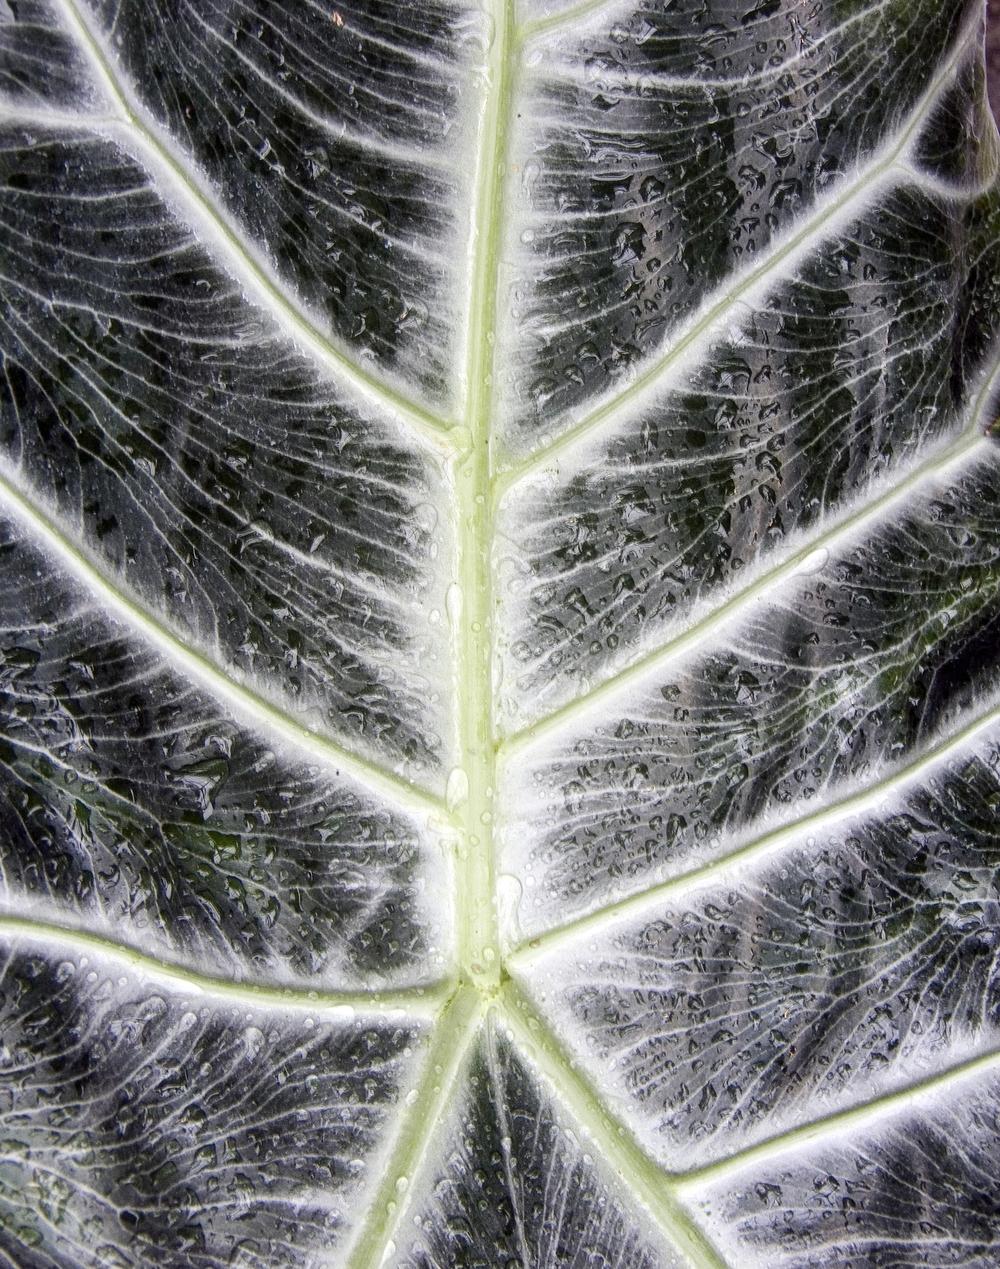 leaf_spine 2_tee.jpg